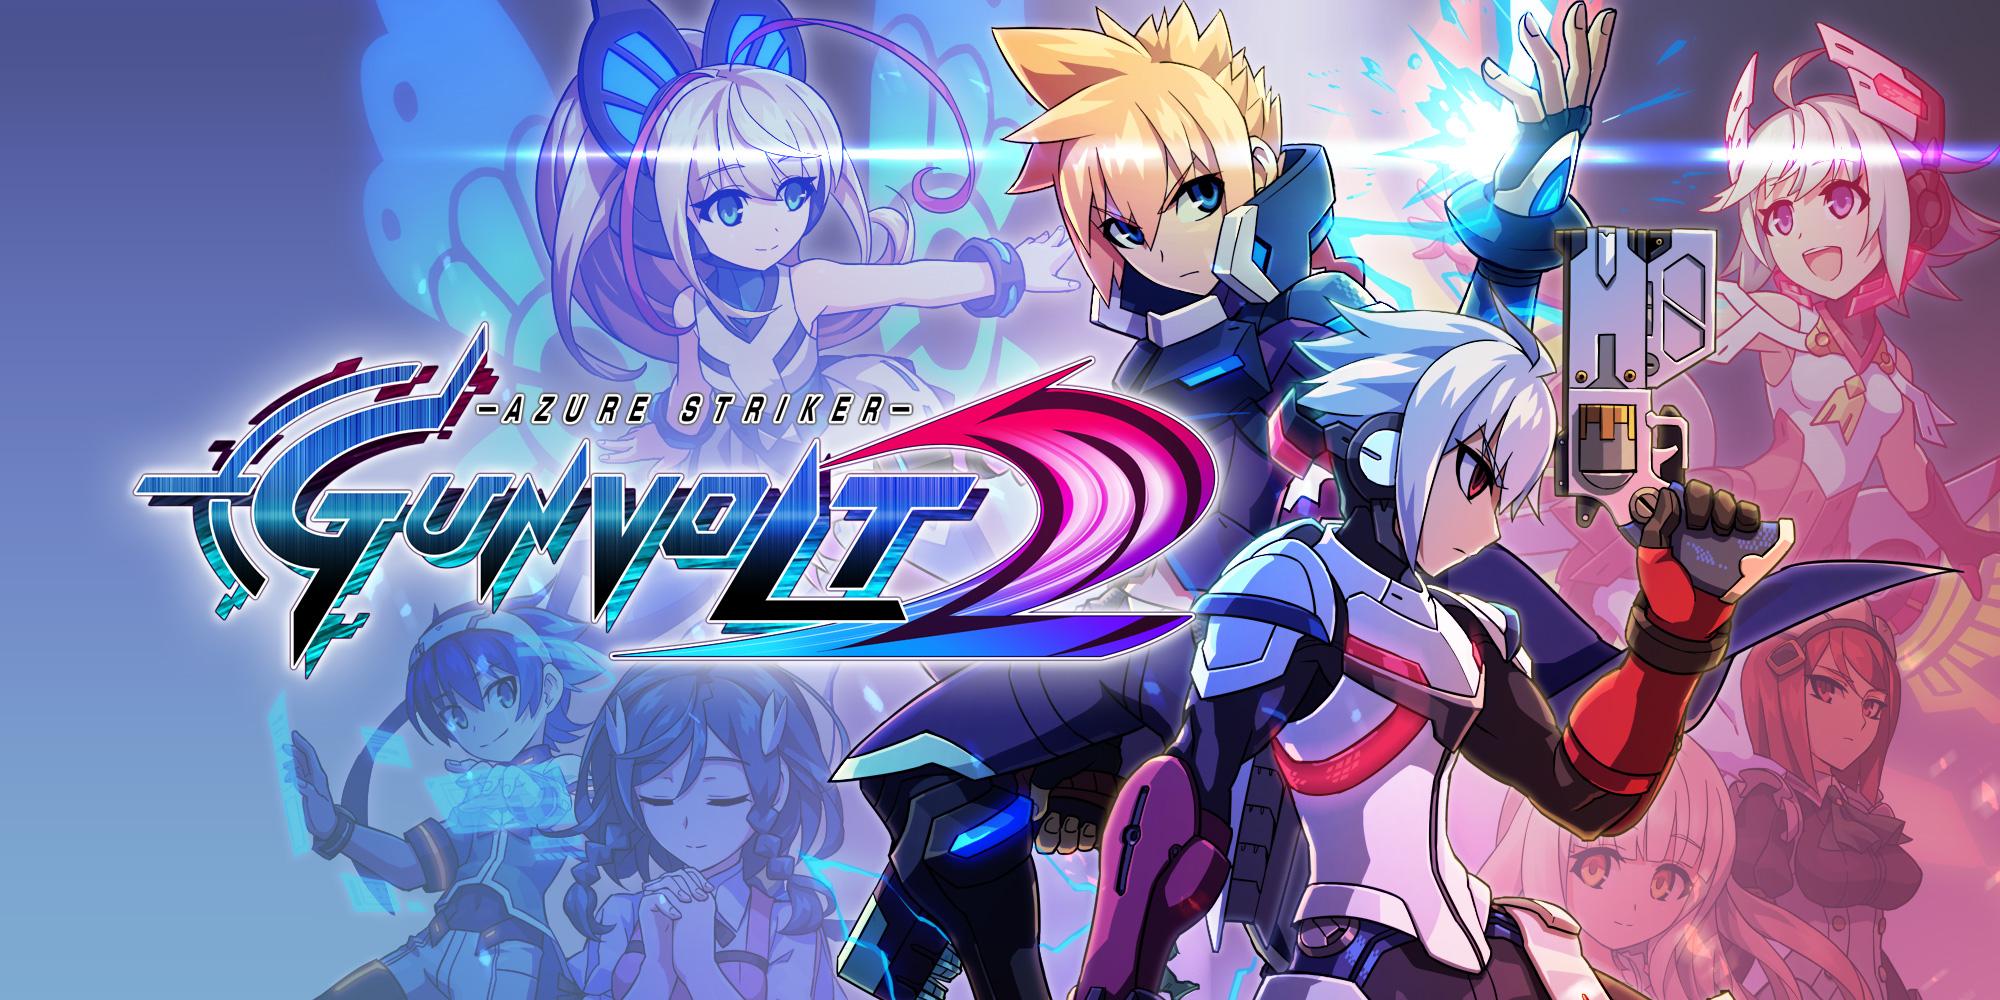 H2x1_3DSDS_AzureStrikerGunvolt2.jpg